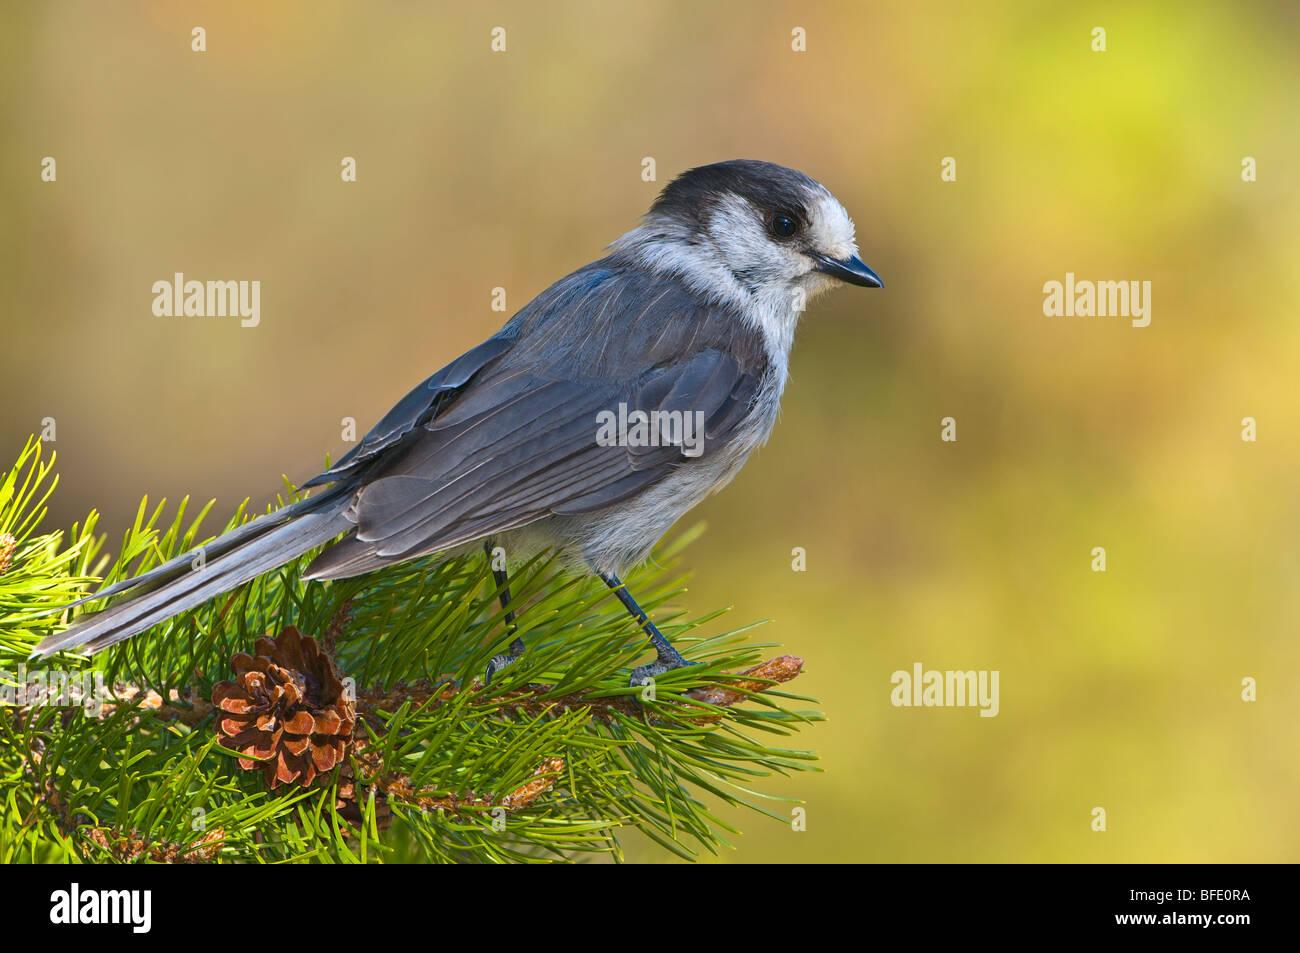 Gray jay (Perisoreus canadensis) en el Parque Provincial Manning, British Columbia, Canadá Imagen De Stock